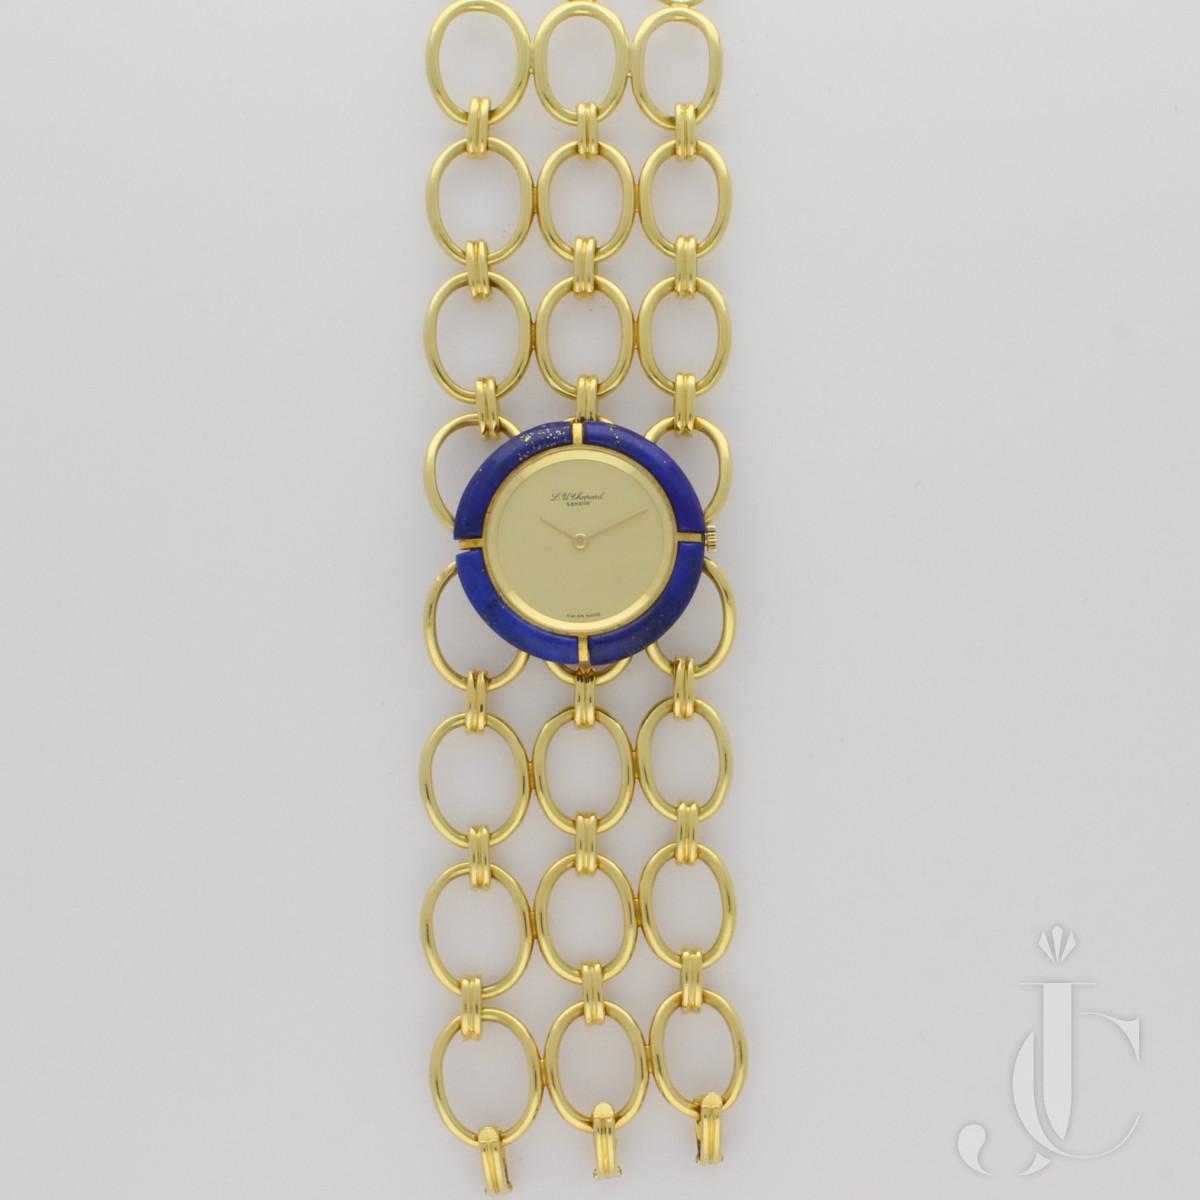 Chopard Bracelet Watch with Lapis Lazuli Bezel